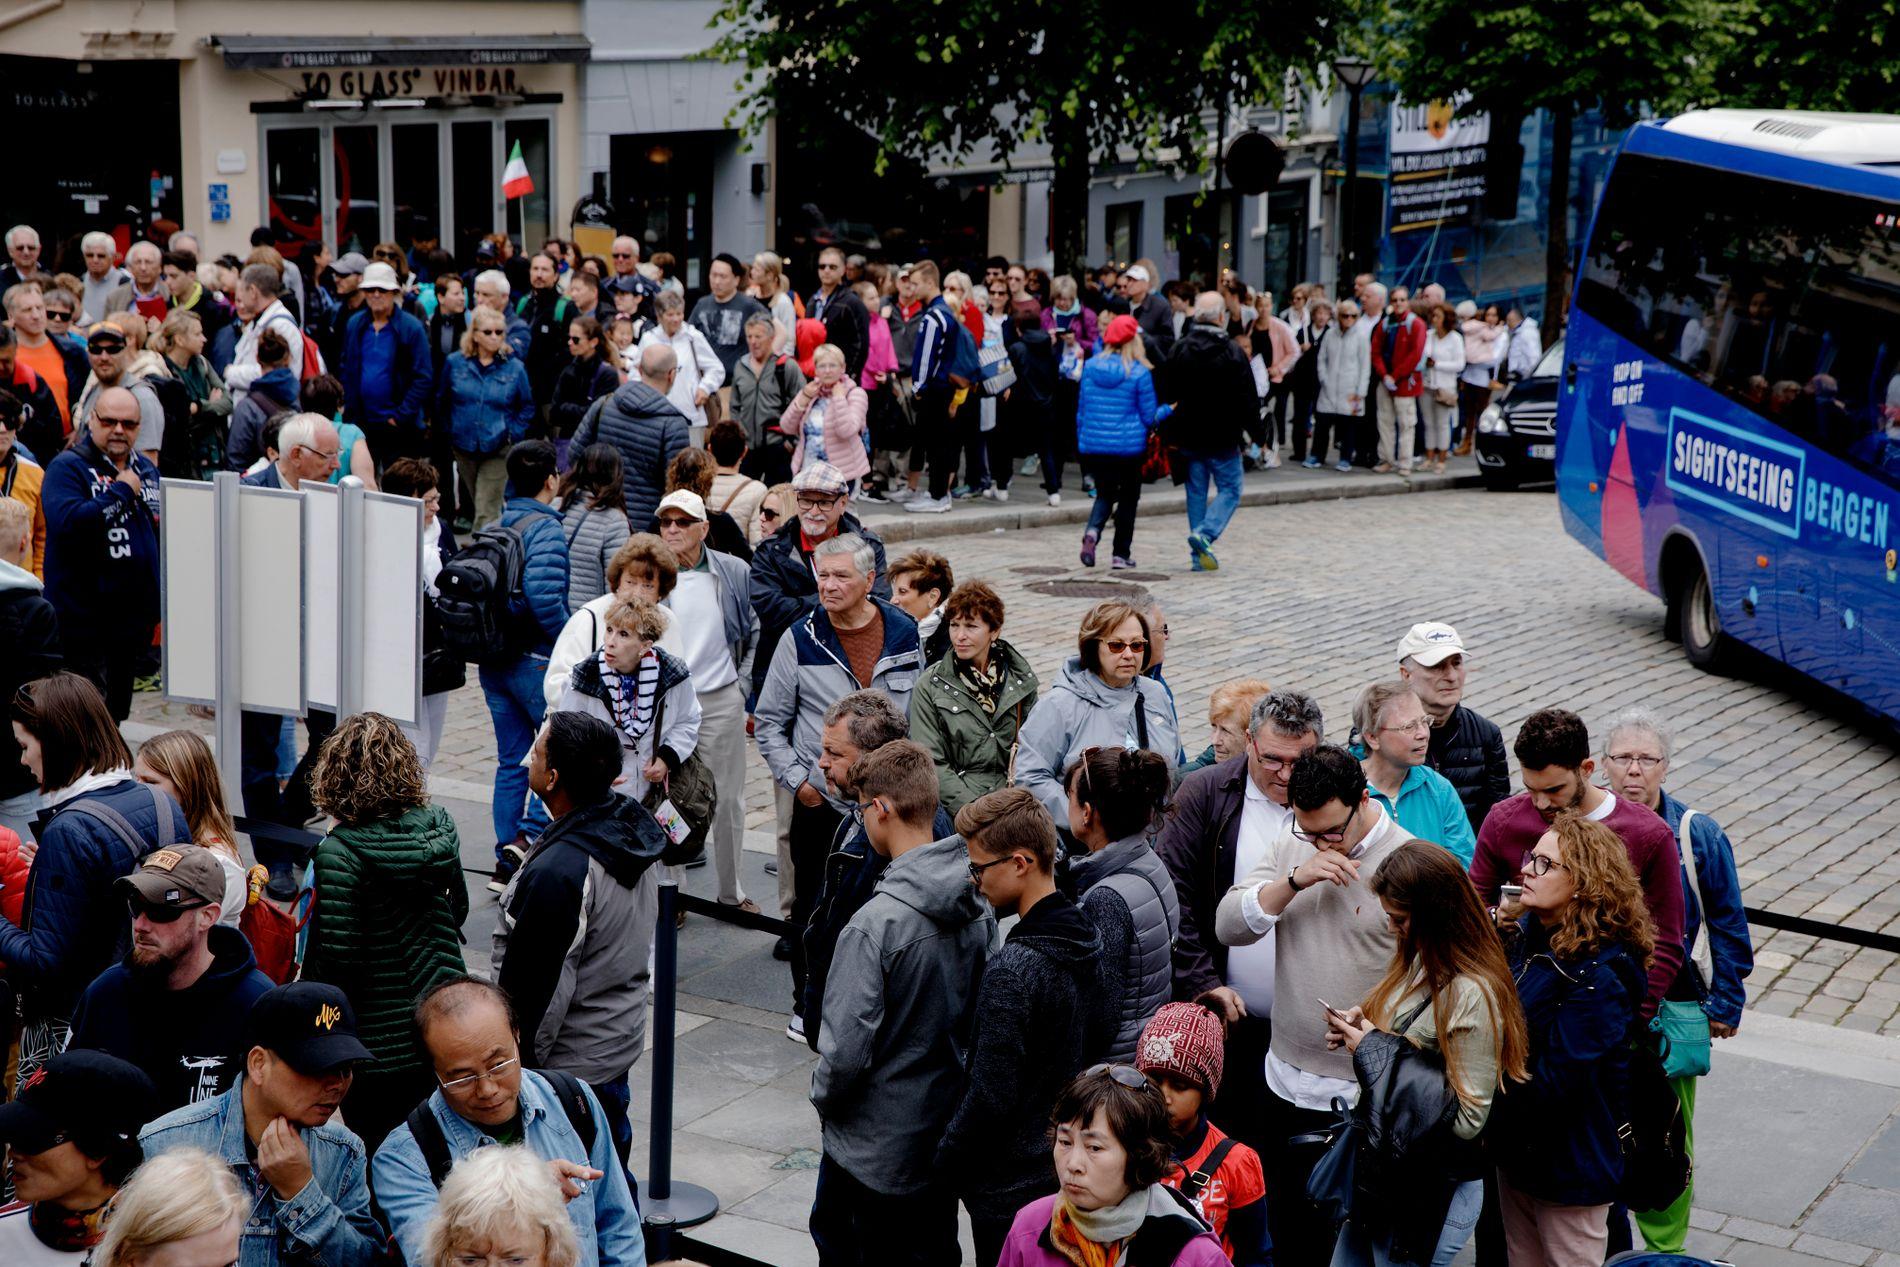 ENDELAUS KØ: Så lange var køane for å ta Fløibanen tysdag. Stiftelsen Bryggen vil ta inngangspengar til Bryggen like bortanfor for å få kontroll på hordane med turistar i høgsesongen.